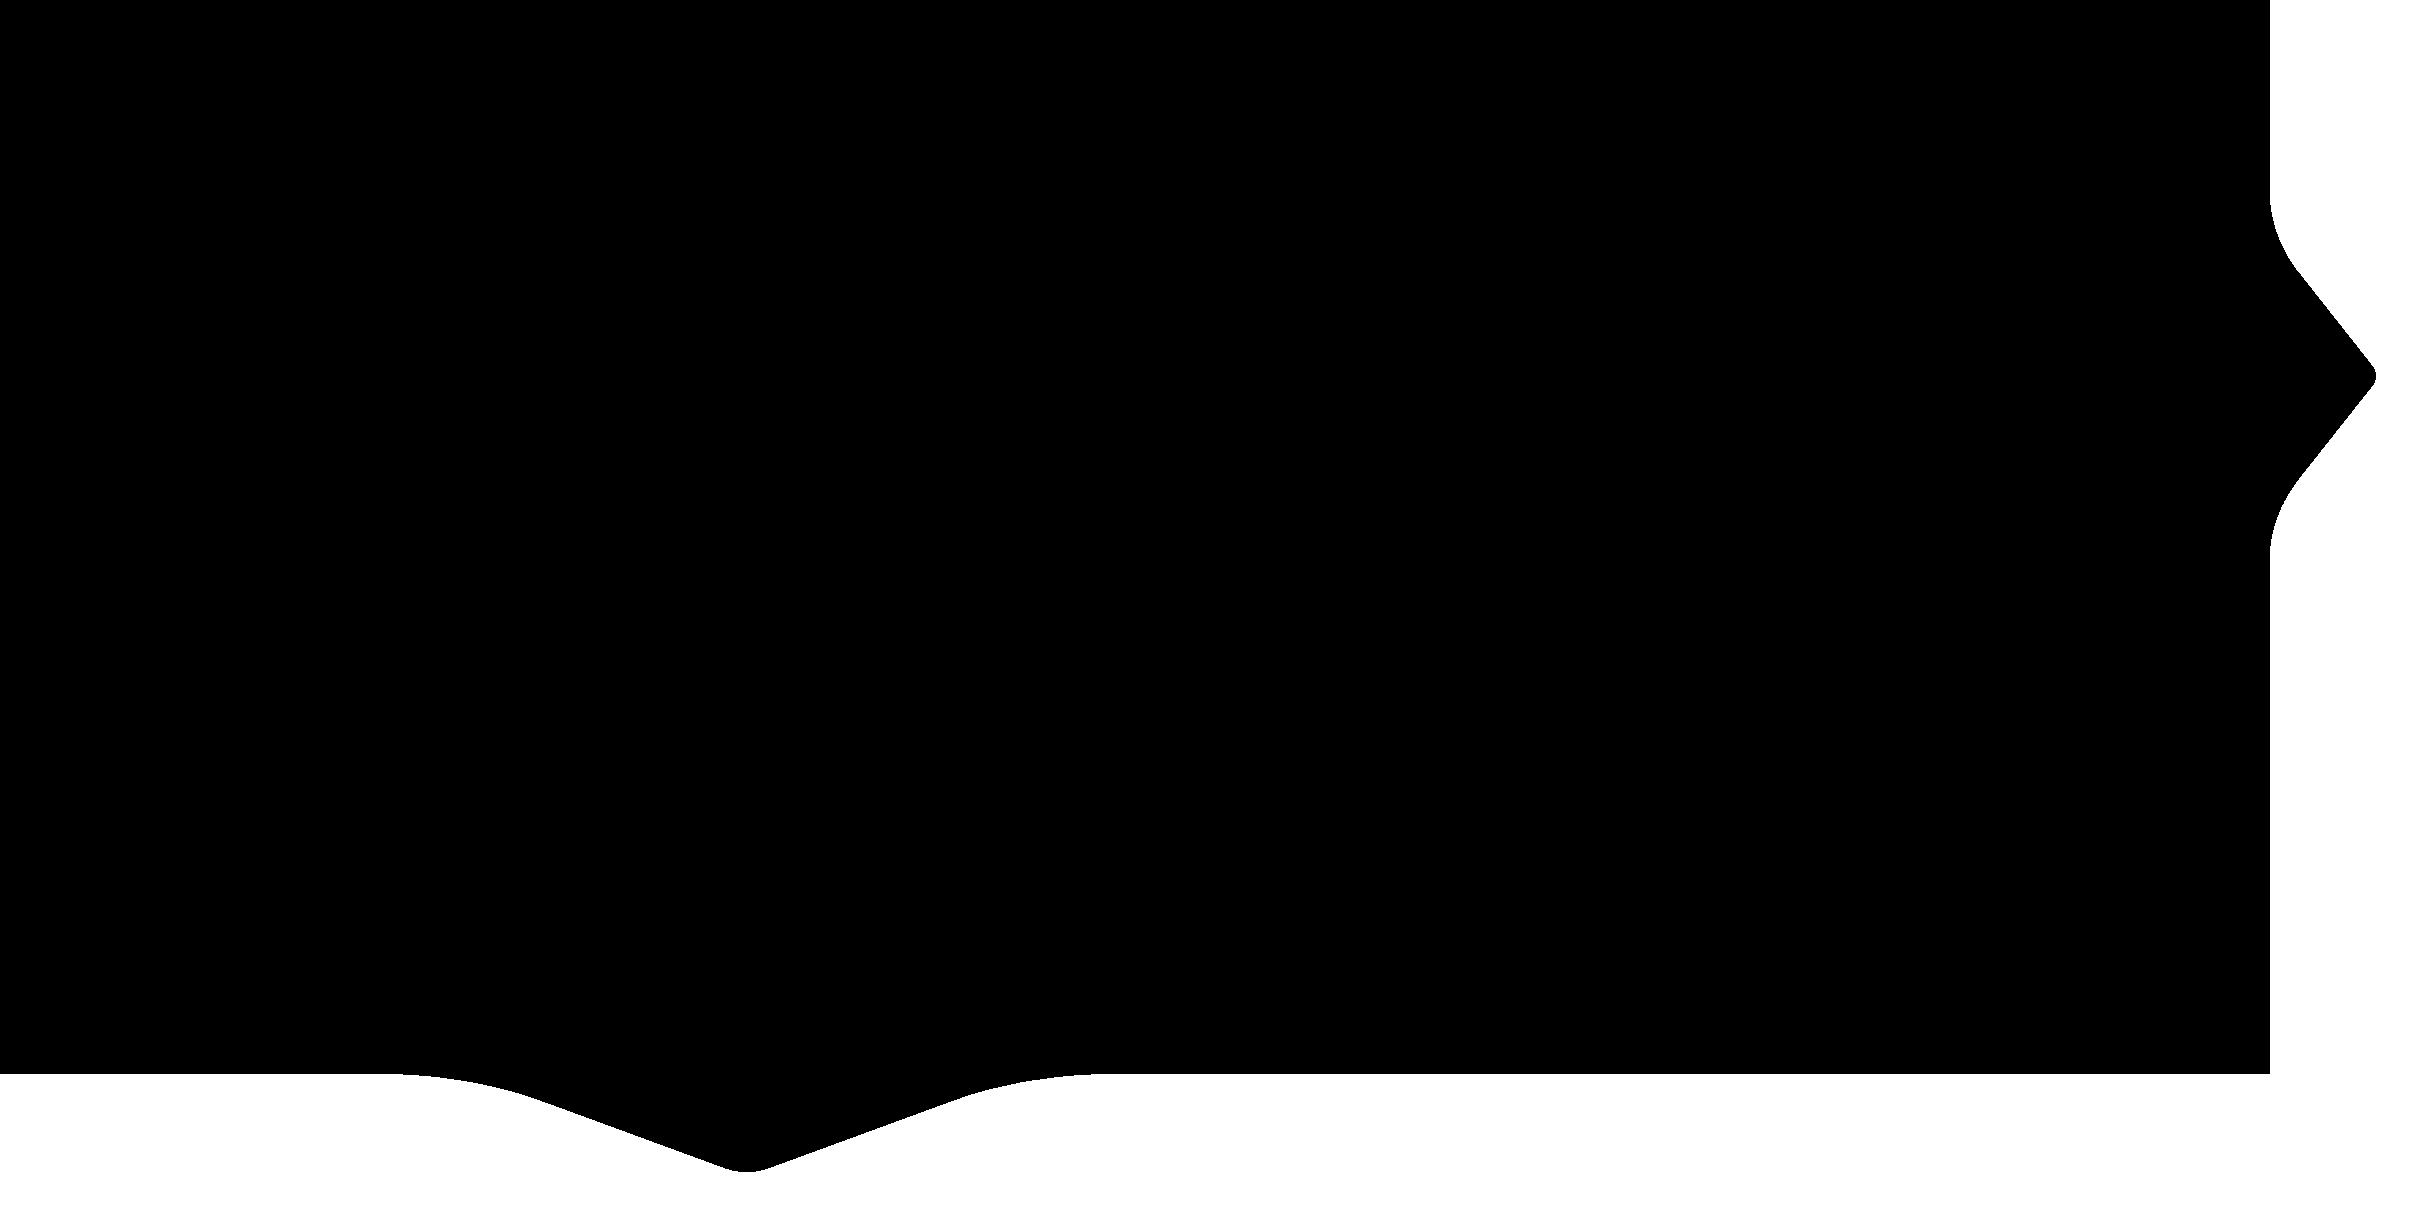 imagem overlay